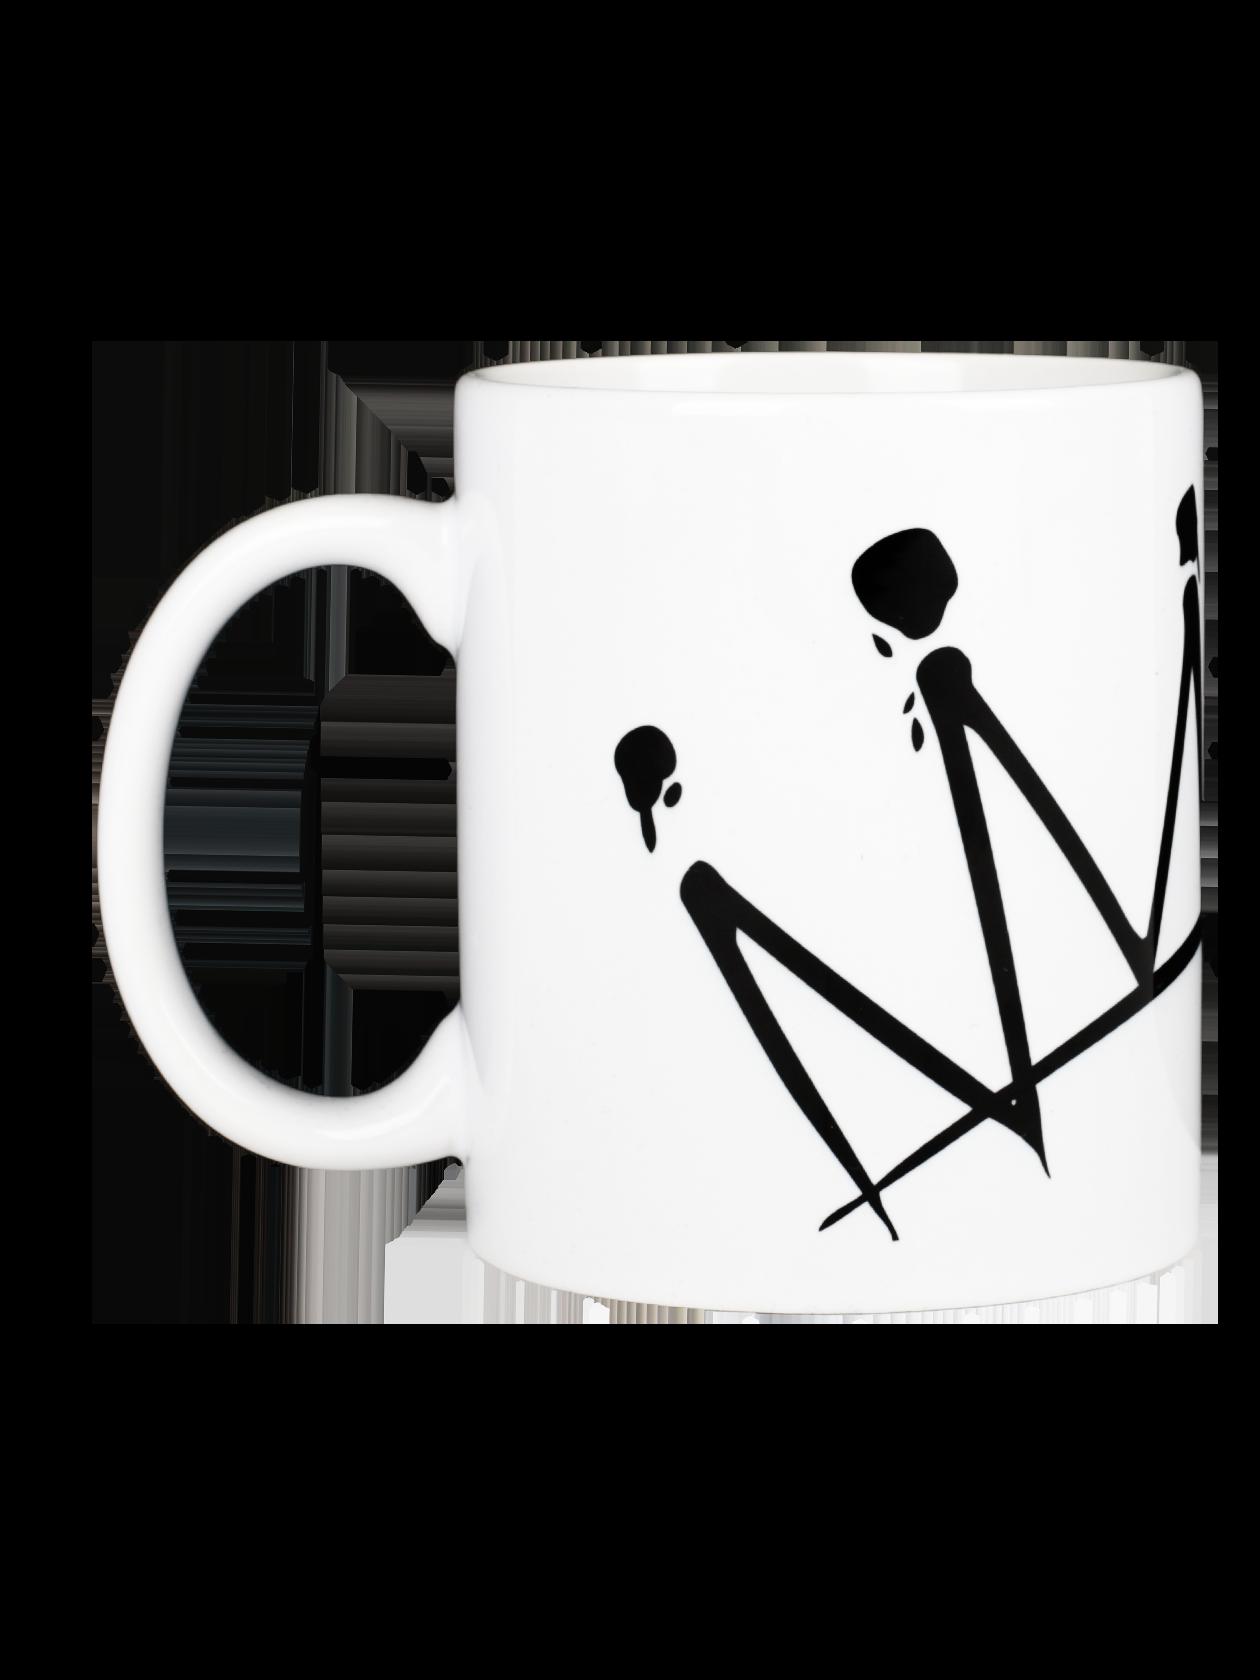 Кружка CROWN BY MOTЭффектная кружка Crown by Mot из мерча популярного артиста Мота – идеальный аксессуар для создания отличного настроения с утра. Посуда внутри и снаружи выполнена в черном цвете из высококачественного керамического материала. Дизайн дополнен стильным принтом с короной и надписью «by Mot». Кружка может использоваться в качестве оригинального подарка для родных и друзей на любой случай.<br><br>Размер: Единый размер<br>Цвет: Белый<br>Пол: Унисекс